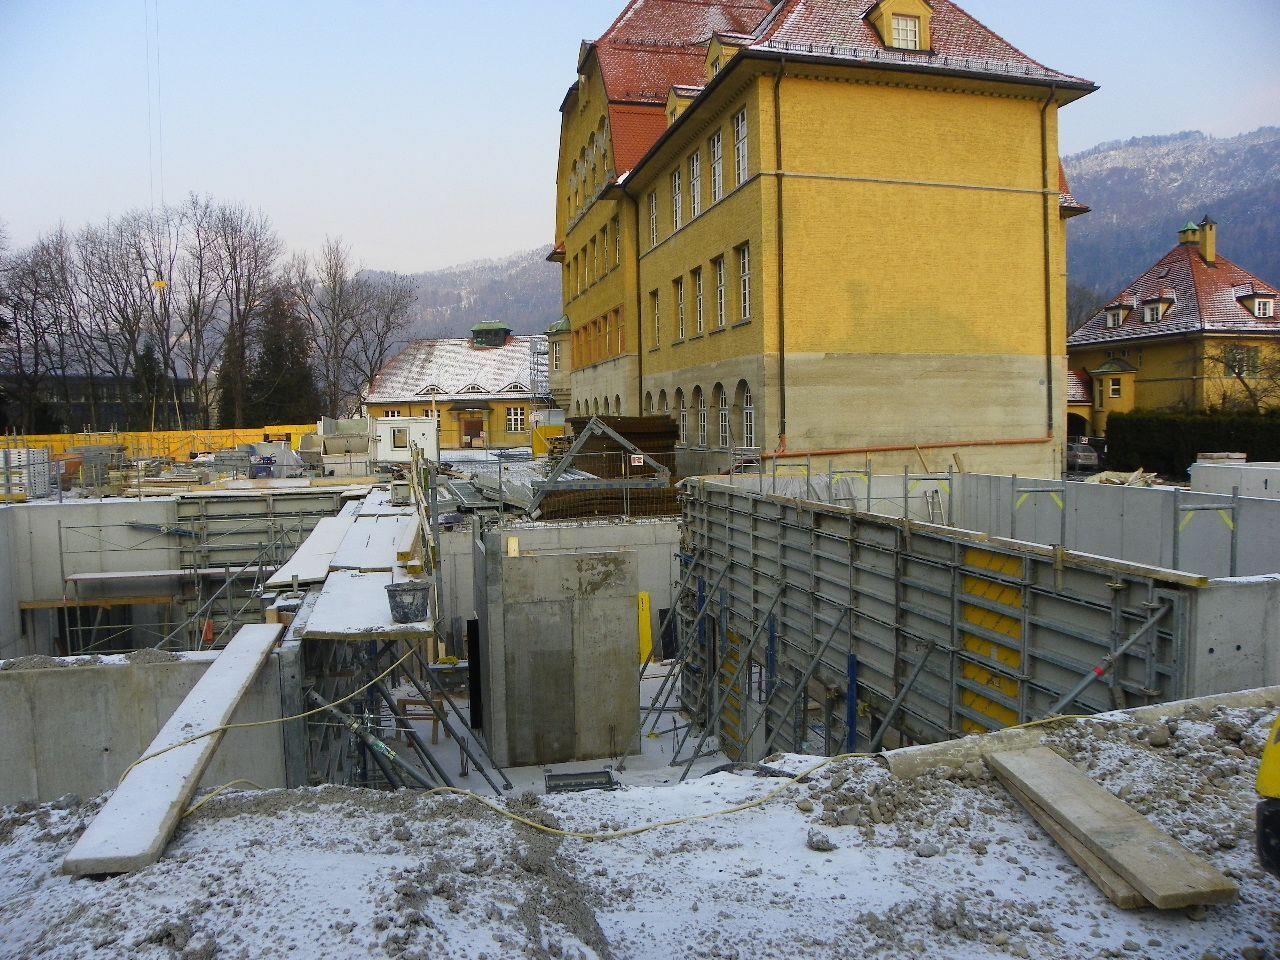 Baustelle präsentiert sich noch schneebedeckt